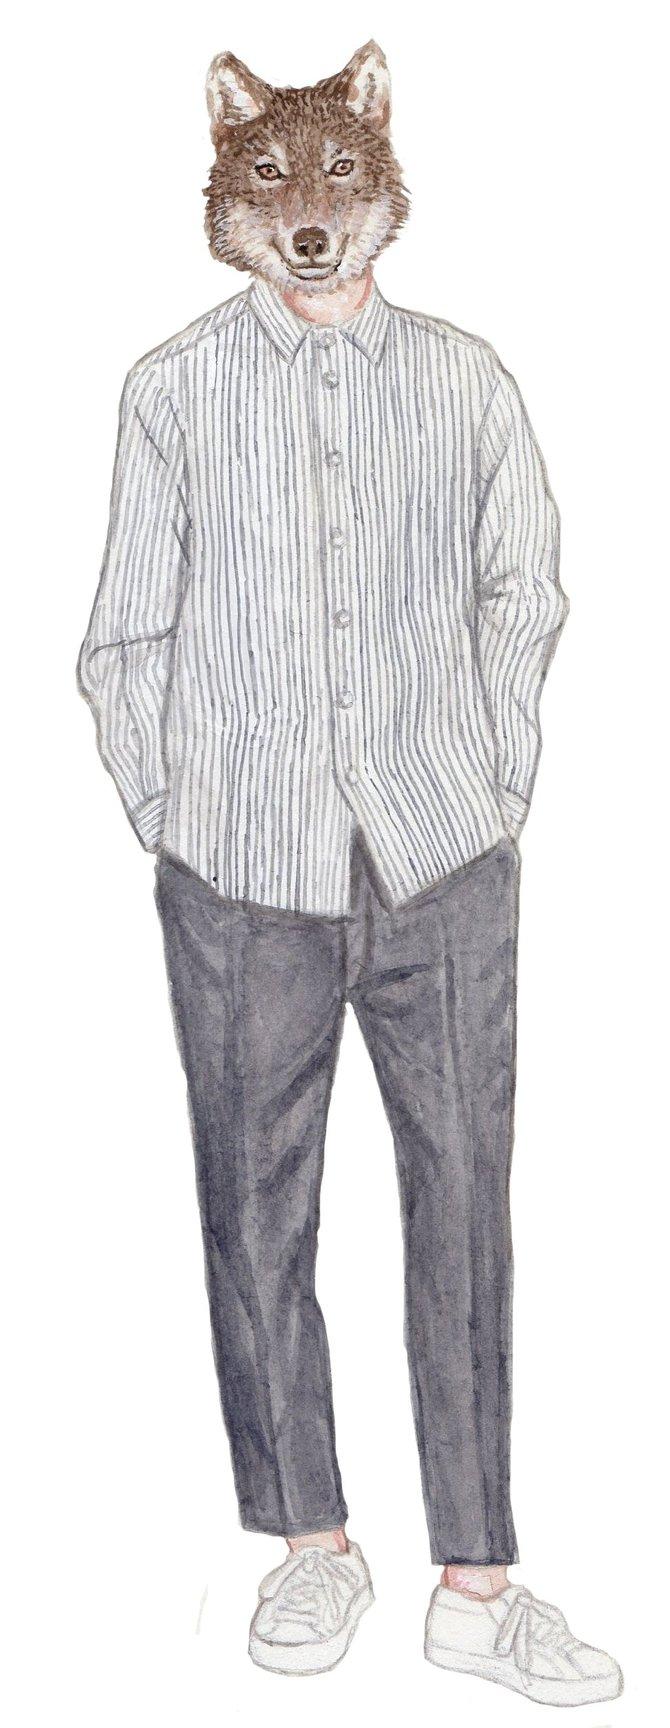 ダサい男 がつい選んでしまう服の特徴 服が めんどい いい服 ダメな服 を1秒で決める ダイヤモンド オンライン